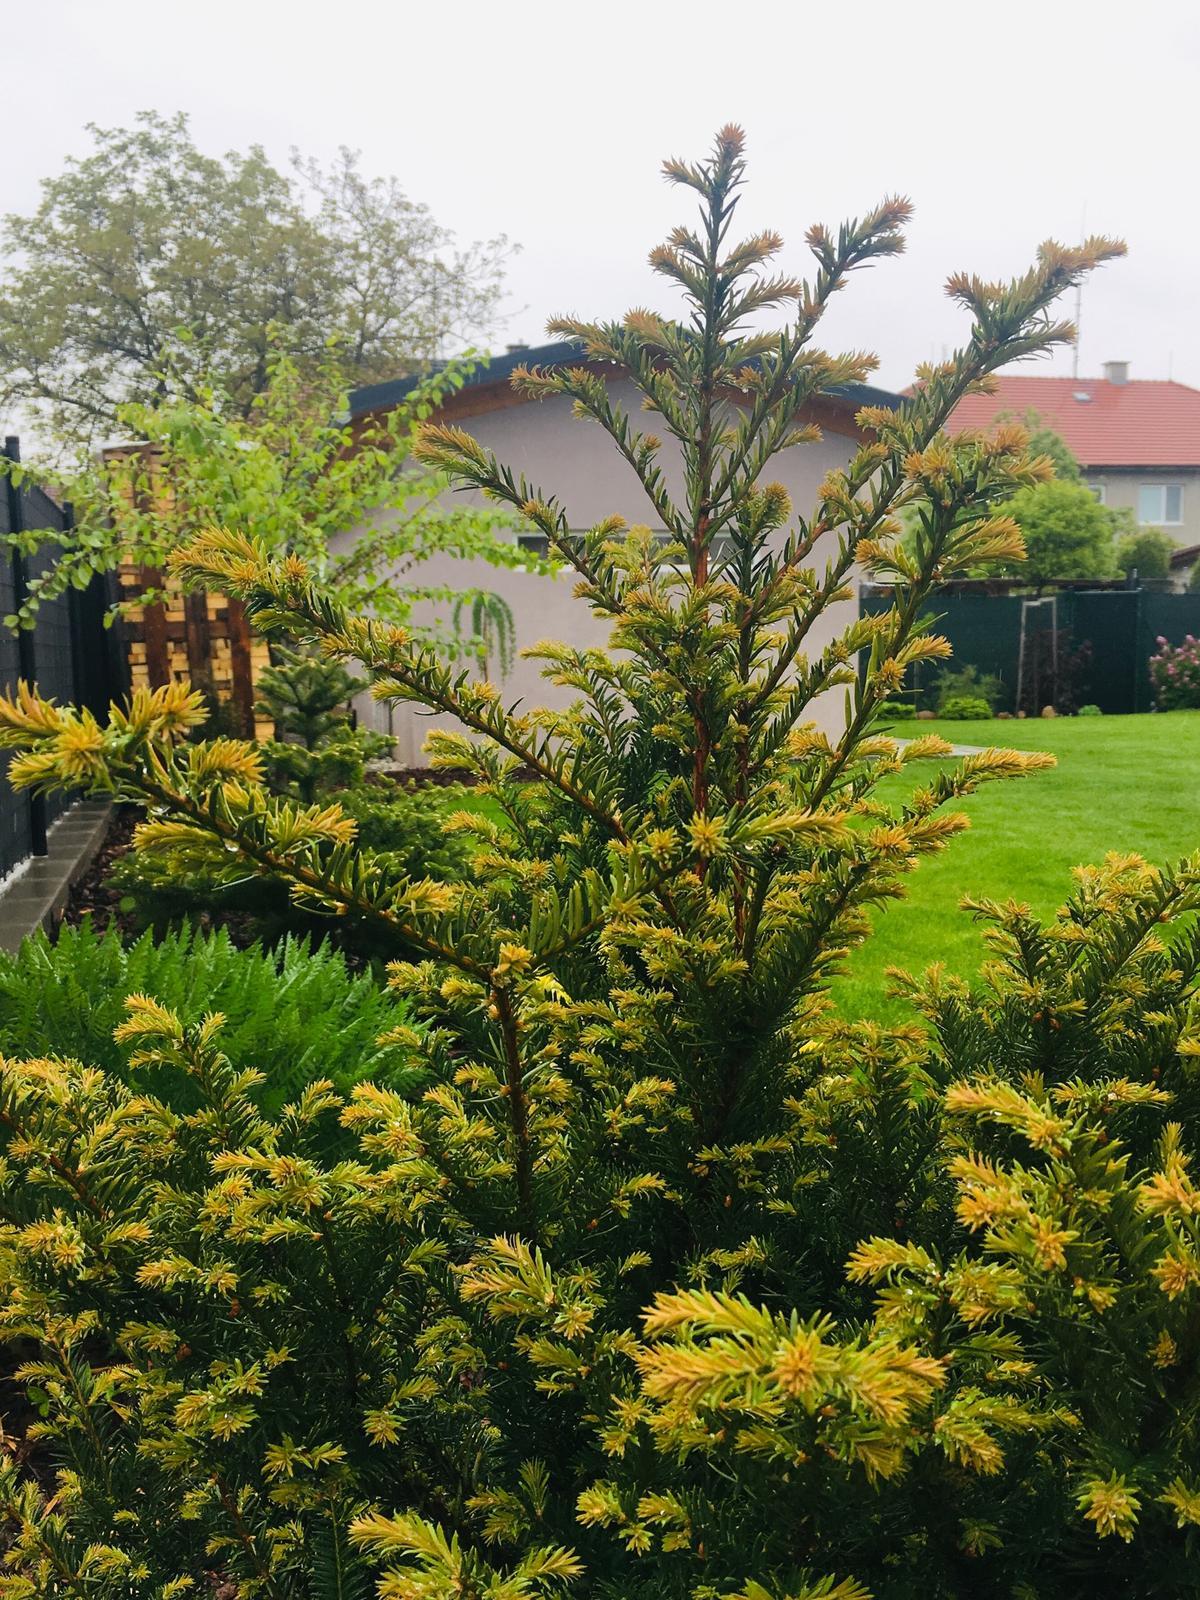 Naše zahradka s láskou ❤️ - Obrázek č. 11